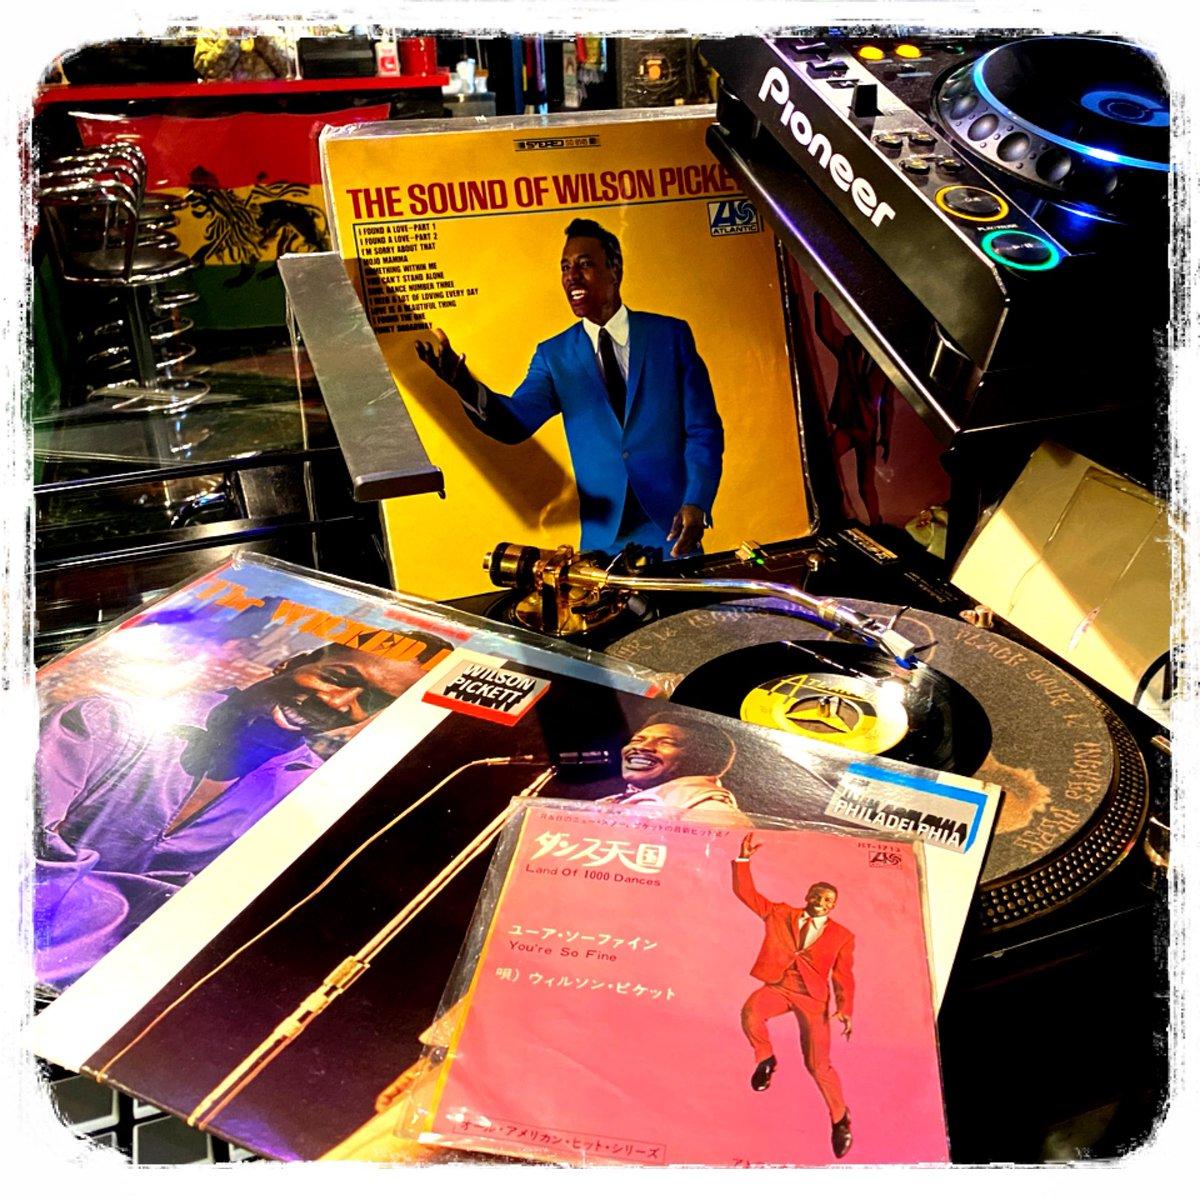 本日1月19日(火)は、故 Wilson Pickett さんの16回忌。 18時から僅か2時間ですがご予約で営業させていただきます。  Wilson Pickett - Land of a Thousand Dances (Live)    #WilsonPickett #dopesoultraxx #koenji #dst #soulbar #hiphop #reggae #dance